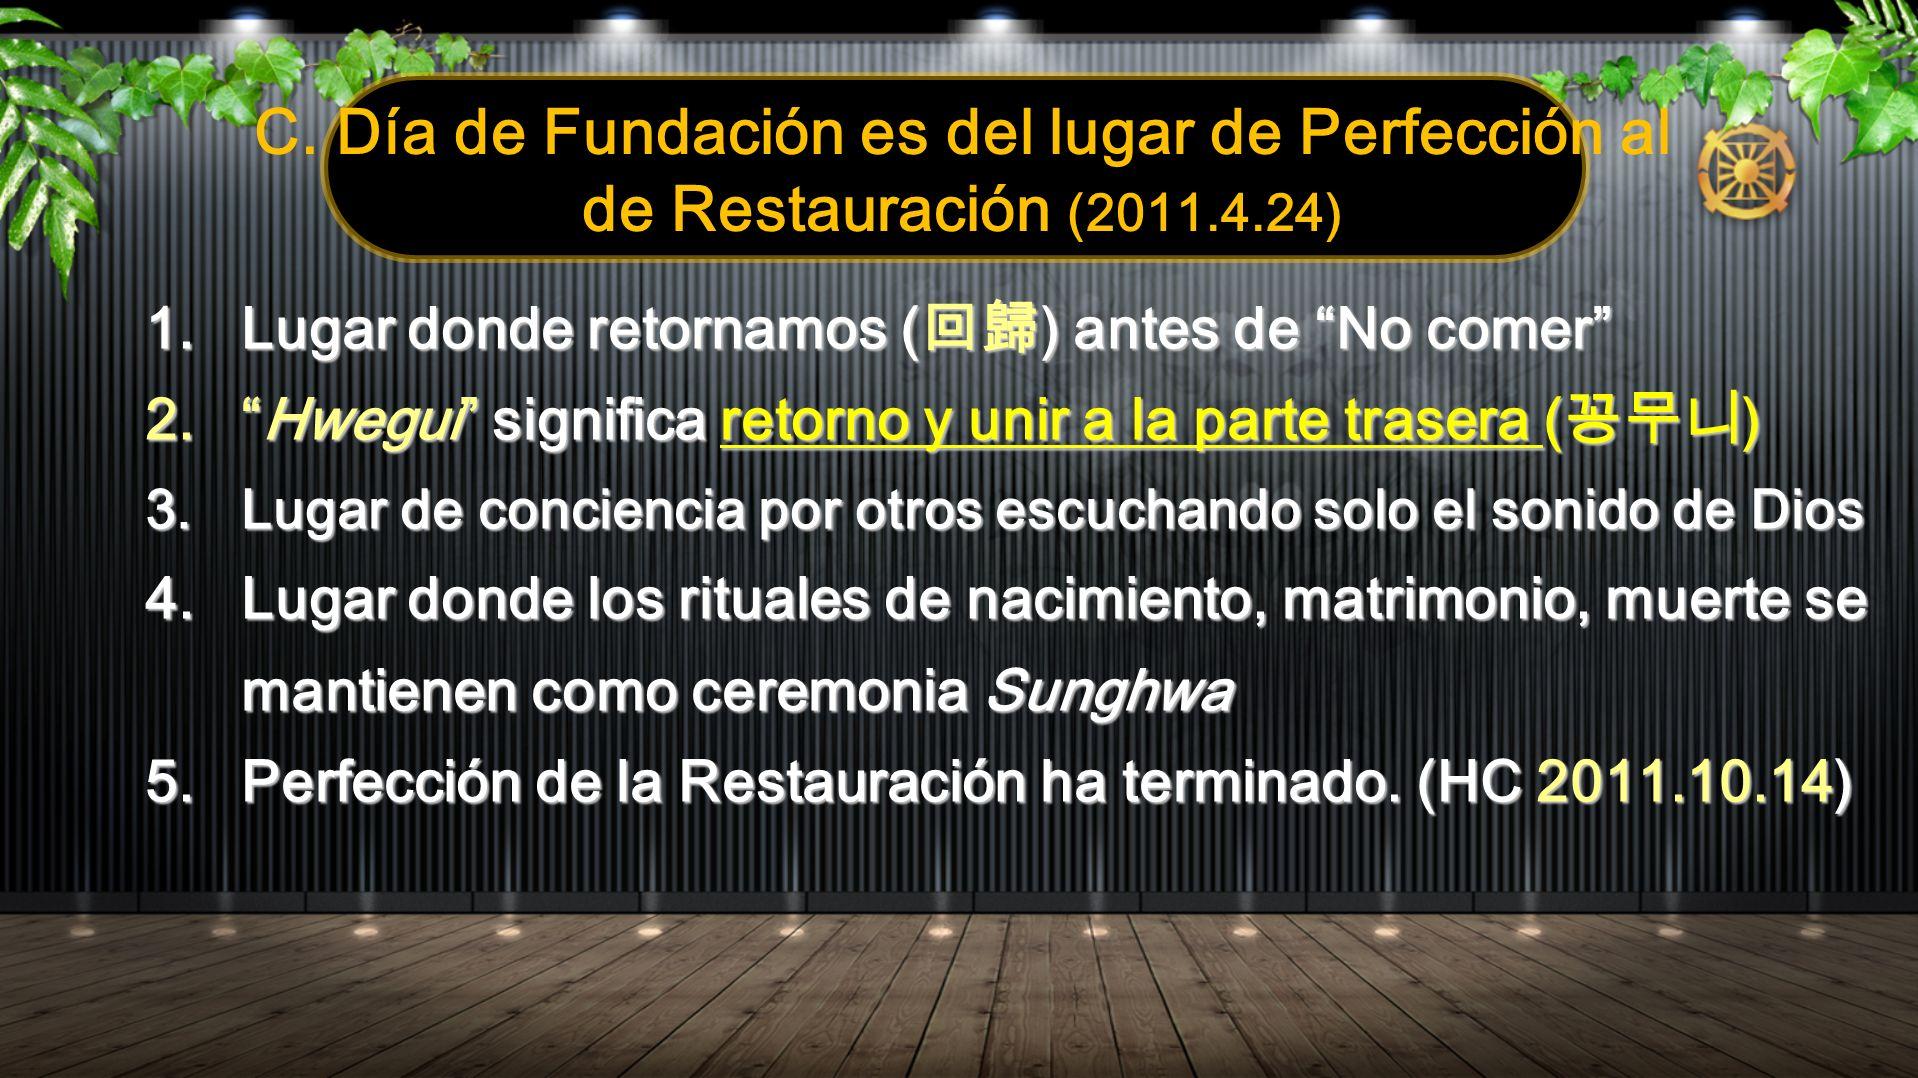 C. Día de Fundación es del lugar de Perfección al de Restauración (2011.4.24) 1.Lugar donde retornamos ( ) antes de No comer 2.Hwegui significa retorn